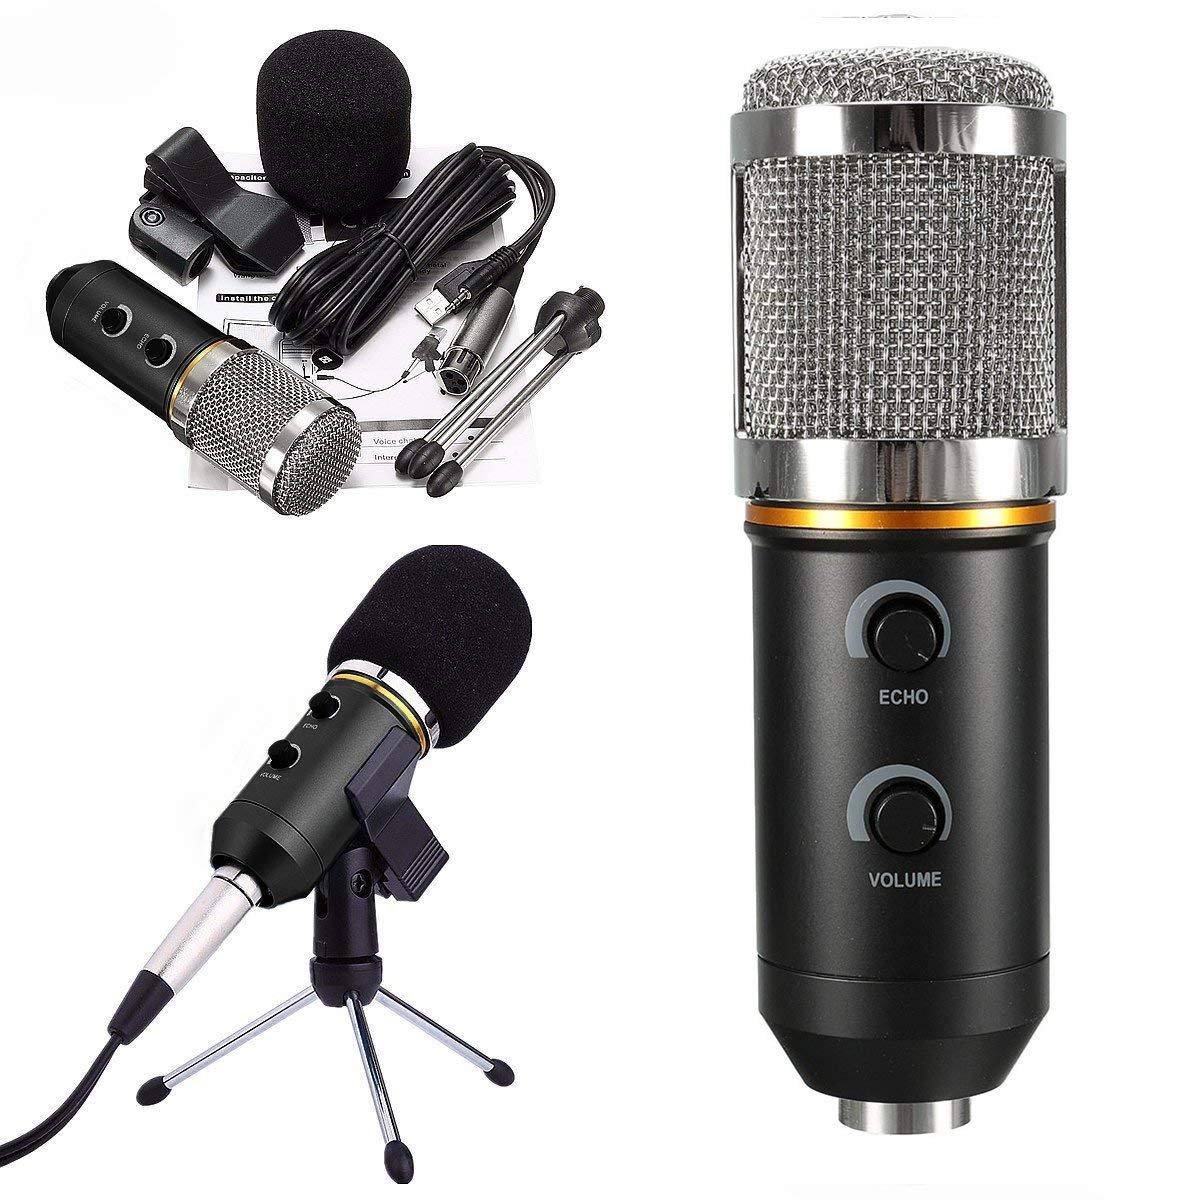 a319cd931c4eb Micrófono Condensador USB para Grabar Micrófonos PC con Soporte Trípode  Podcast Studio MIC Equipo de Sonido Profesional ...